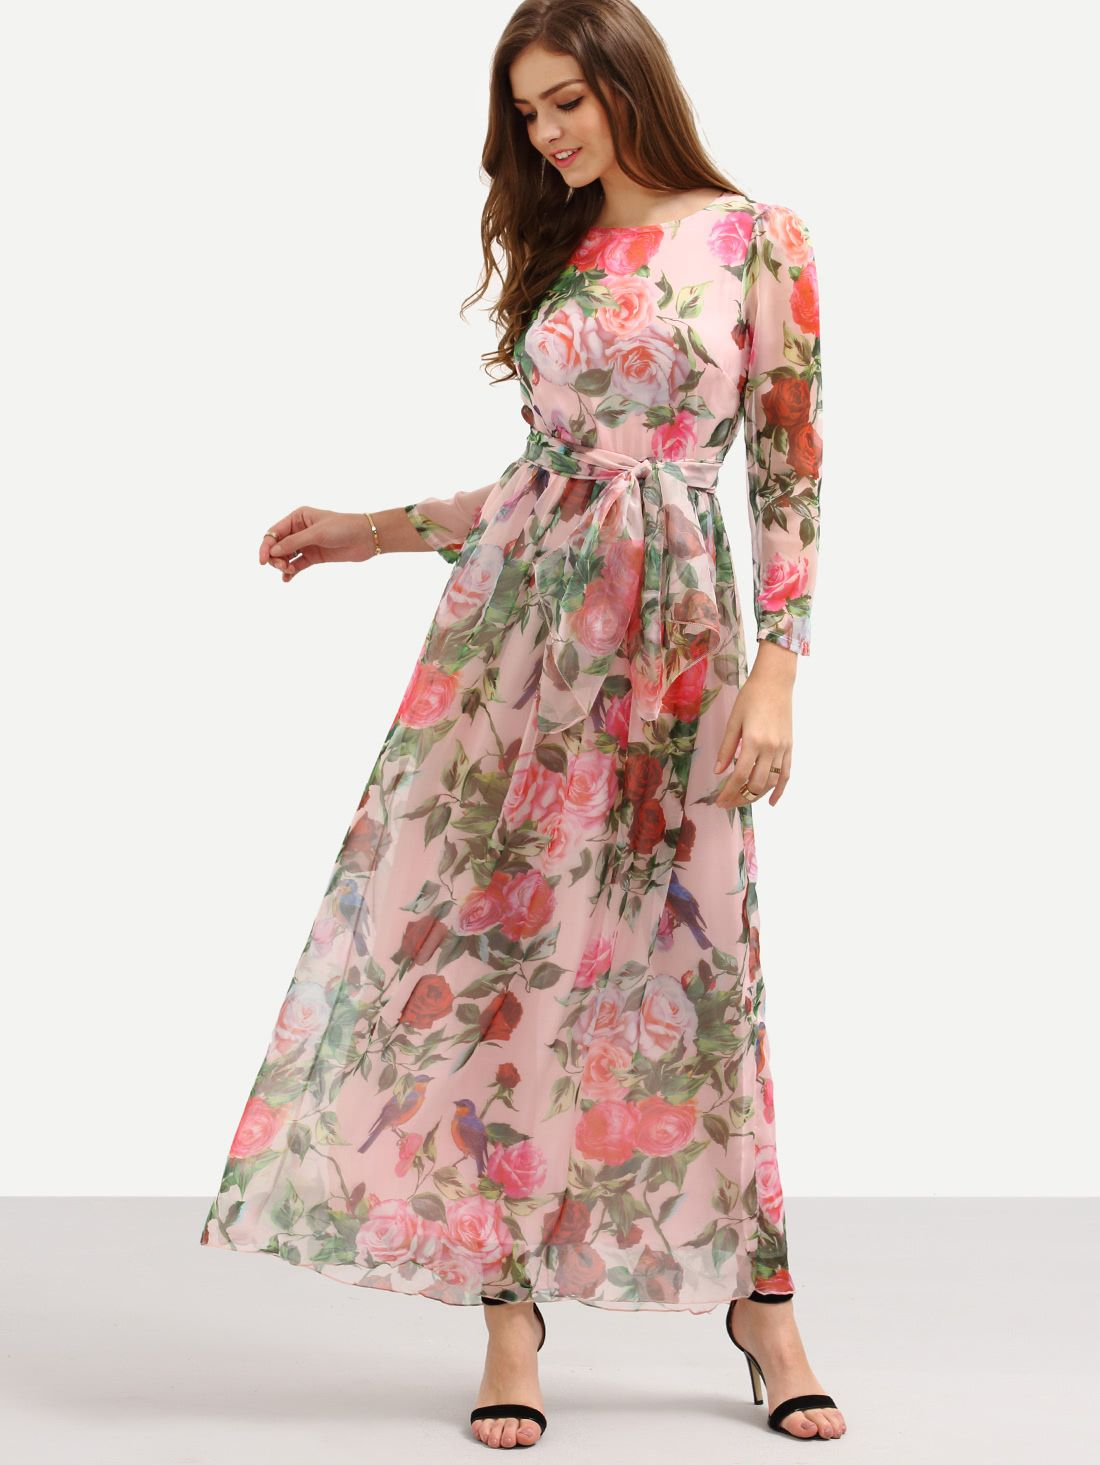 Langarm Chiffon Kleid mit Blumenmuster und Tie Taille- German SheIn( Sheinside) 1ecb833513